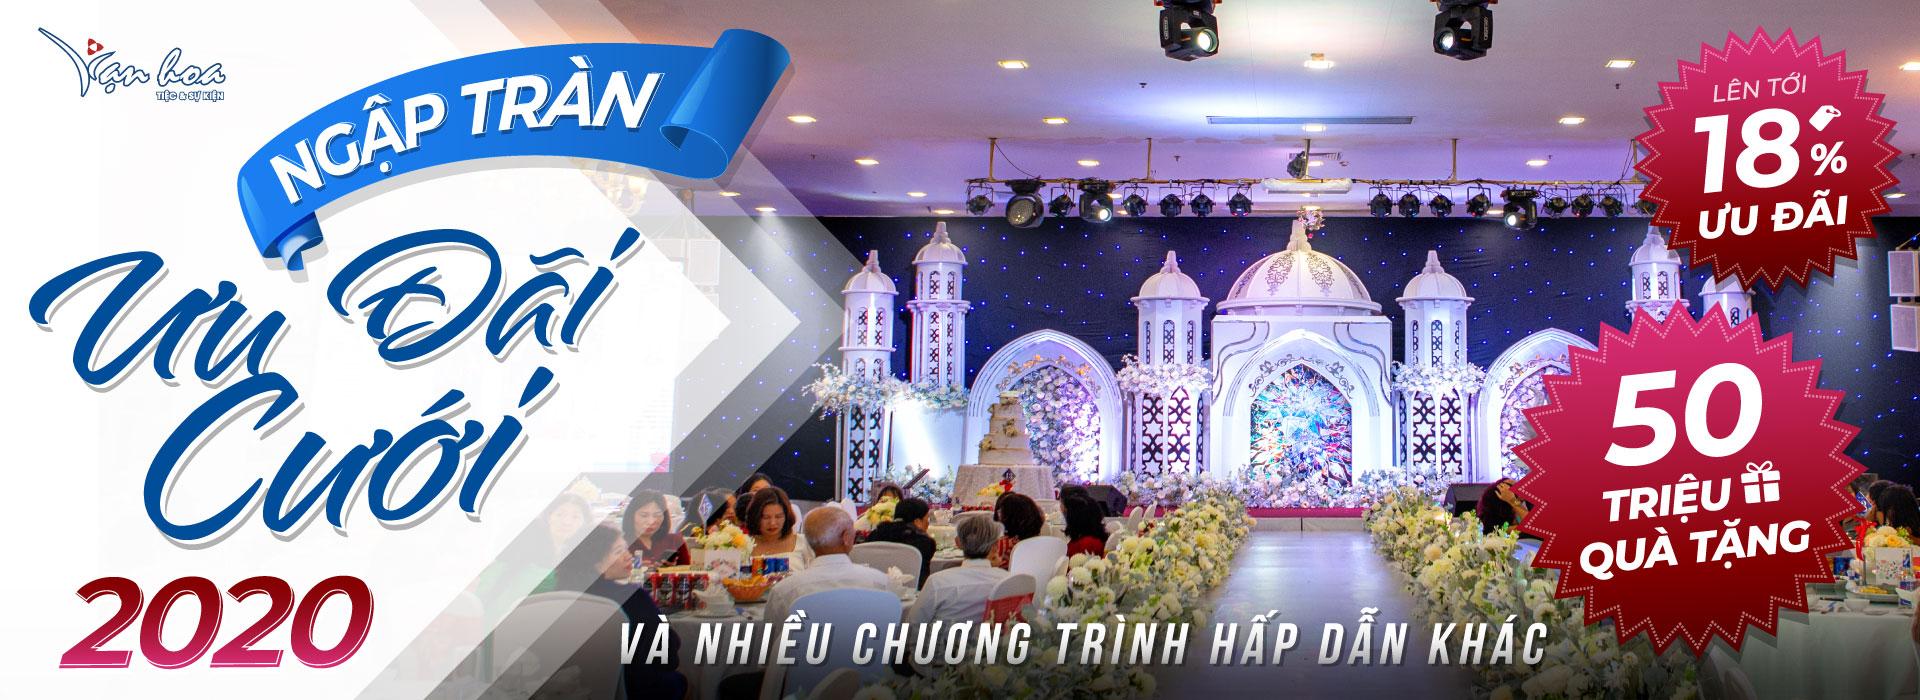 Banner Website Uu Dai Cuoi 2020 01